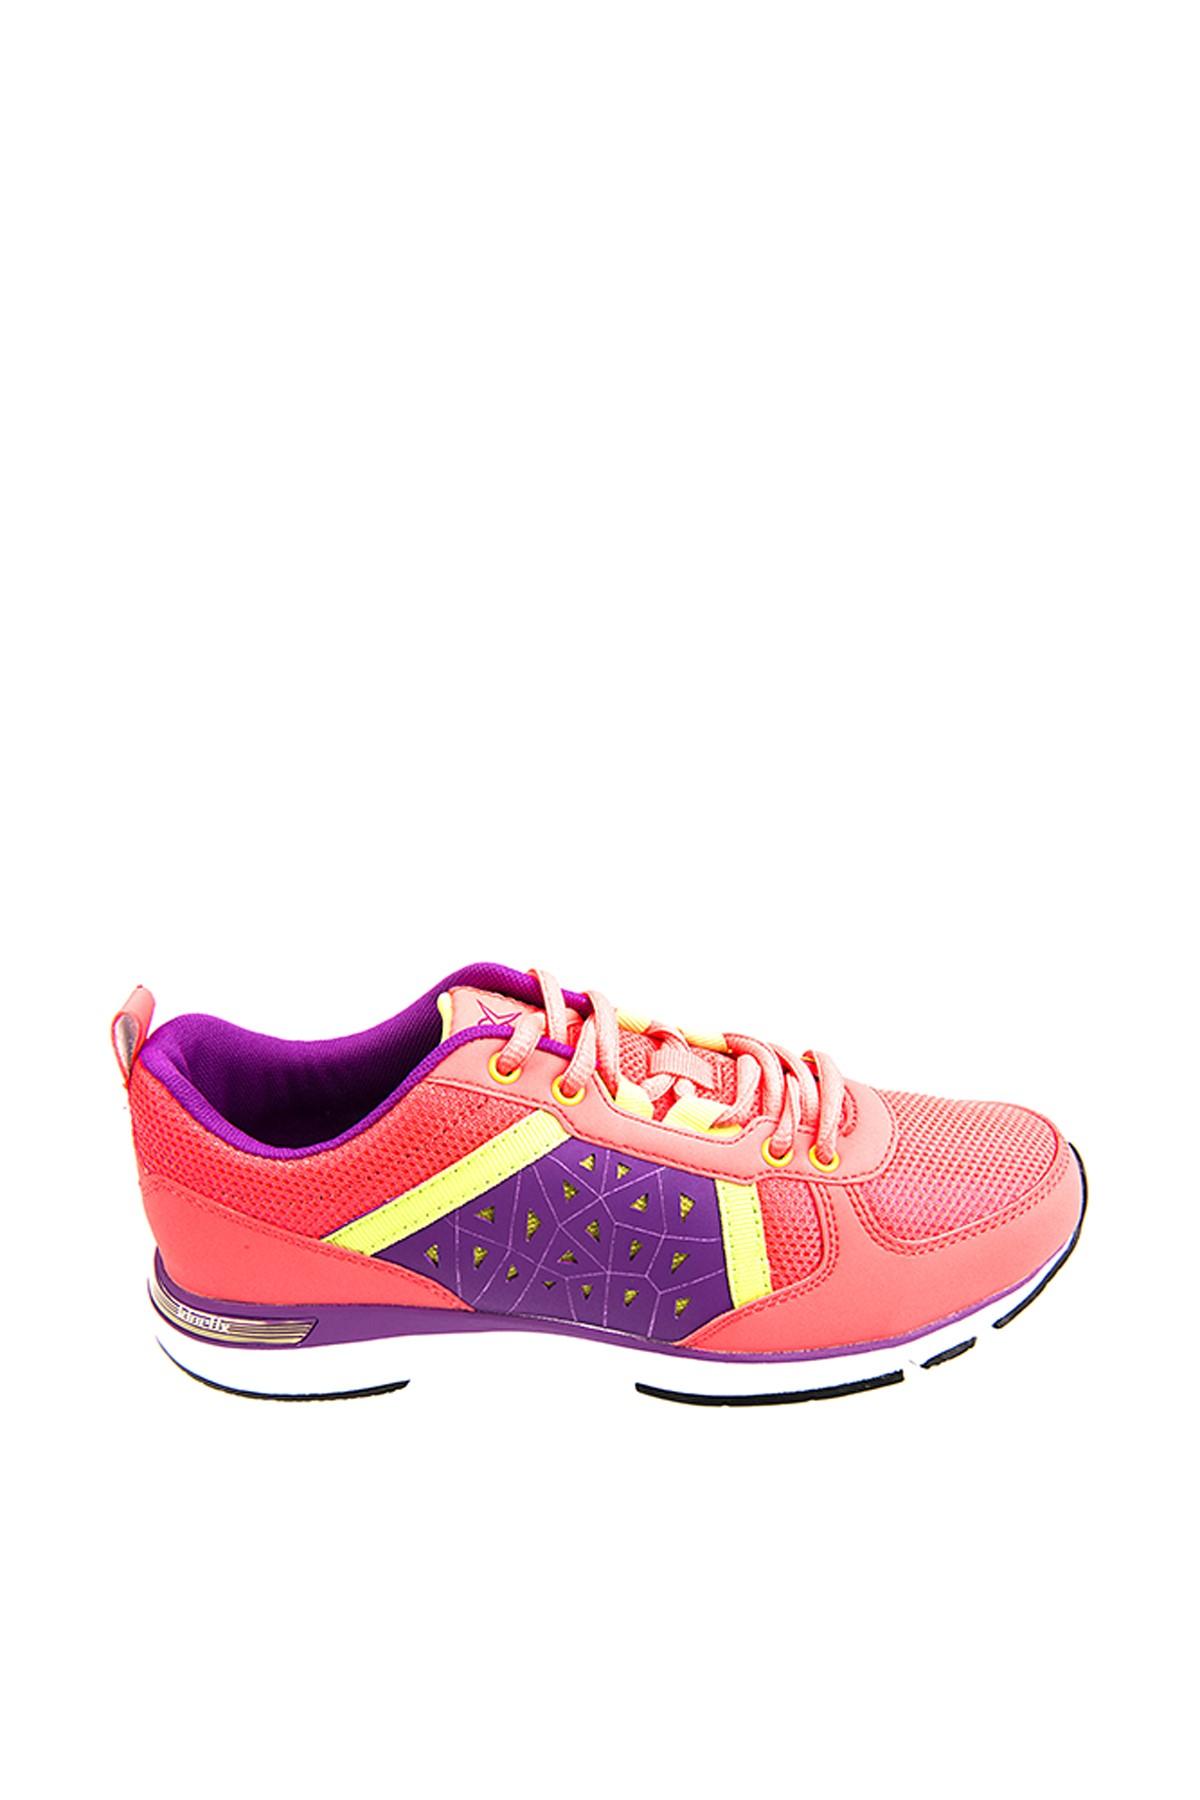 Kinetix 1235346 Pembe Mor Yeşil Kadın Fitness Ayakkabısı 100180967 1